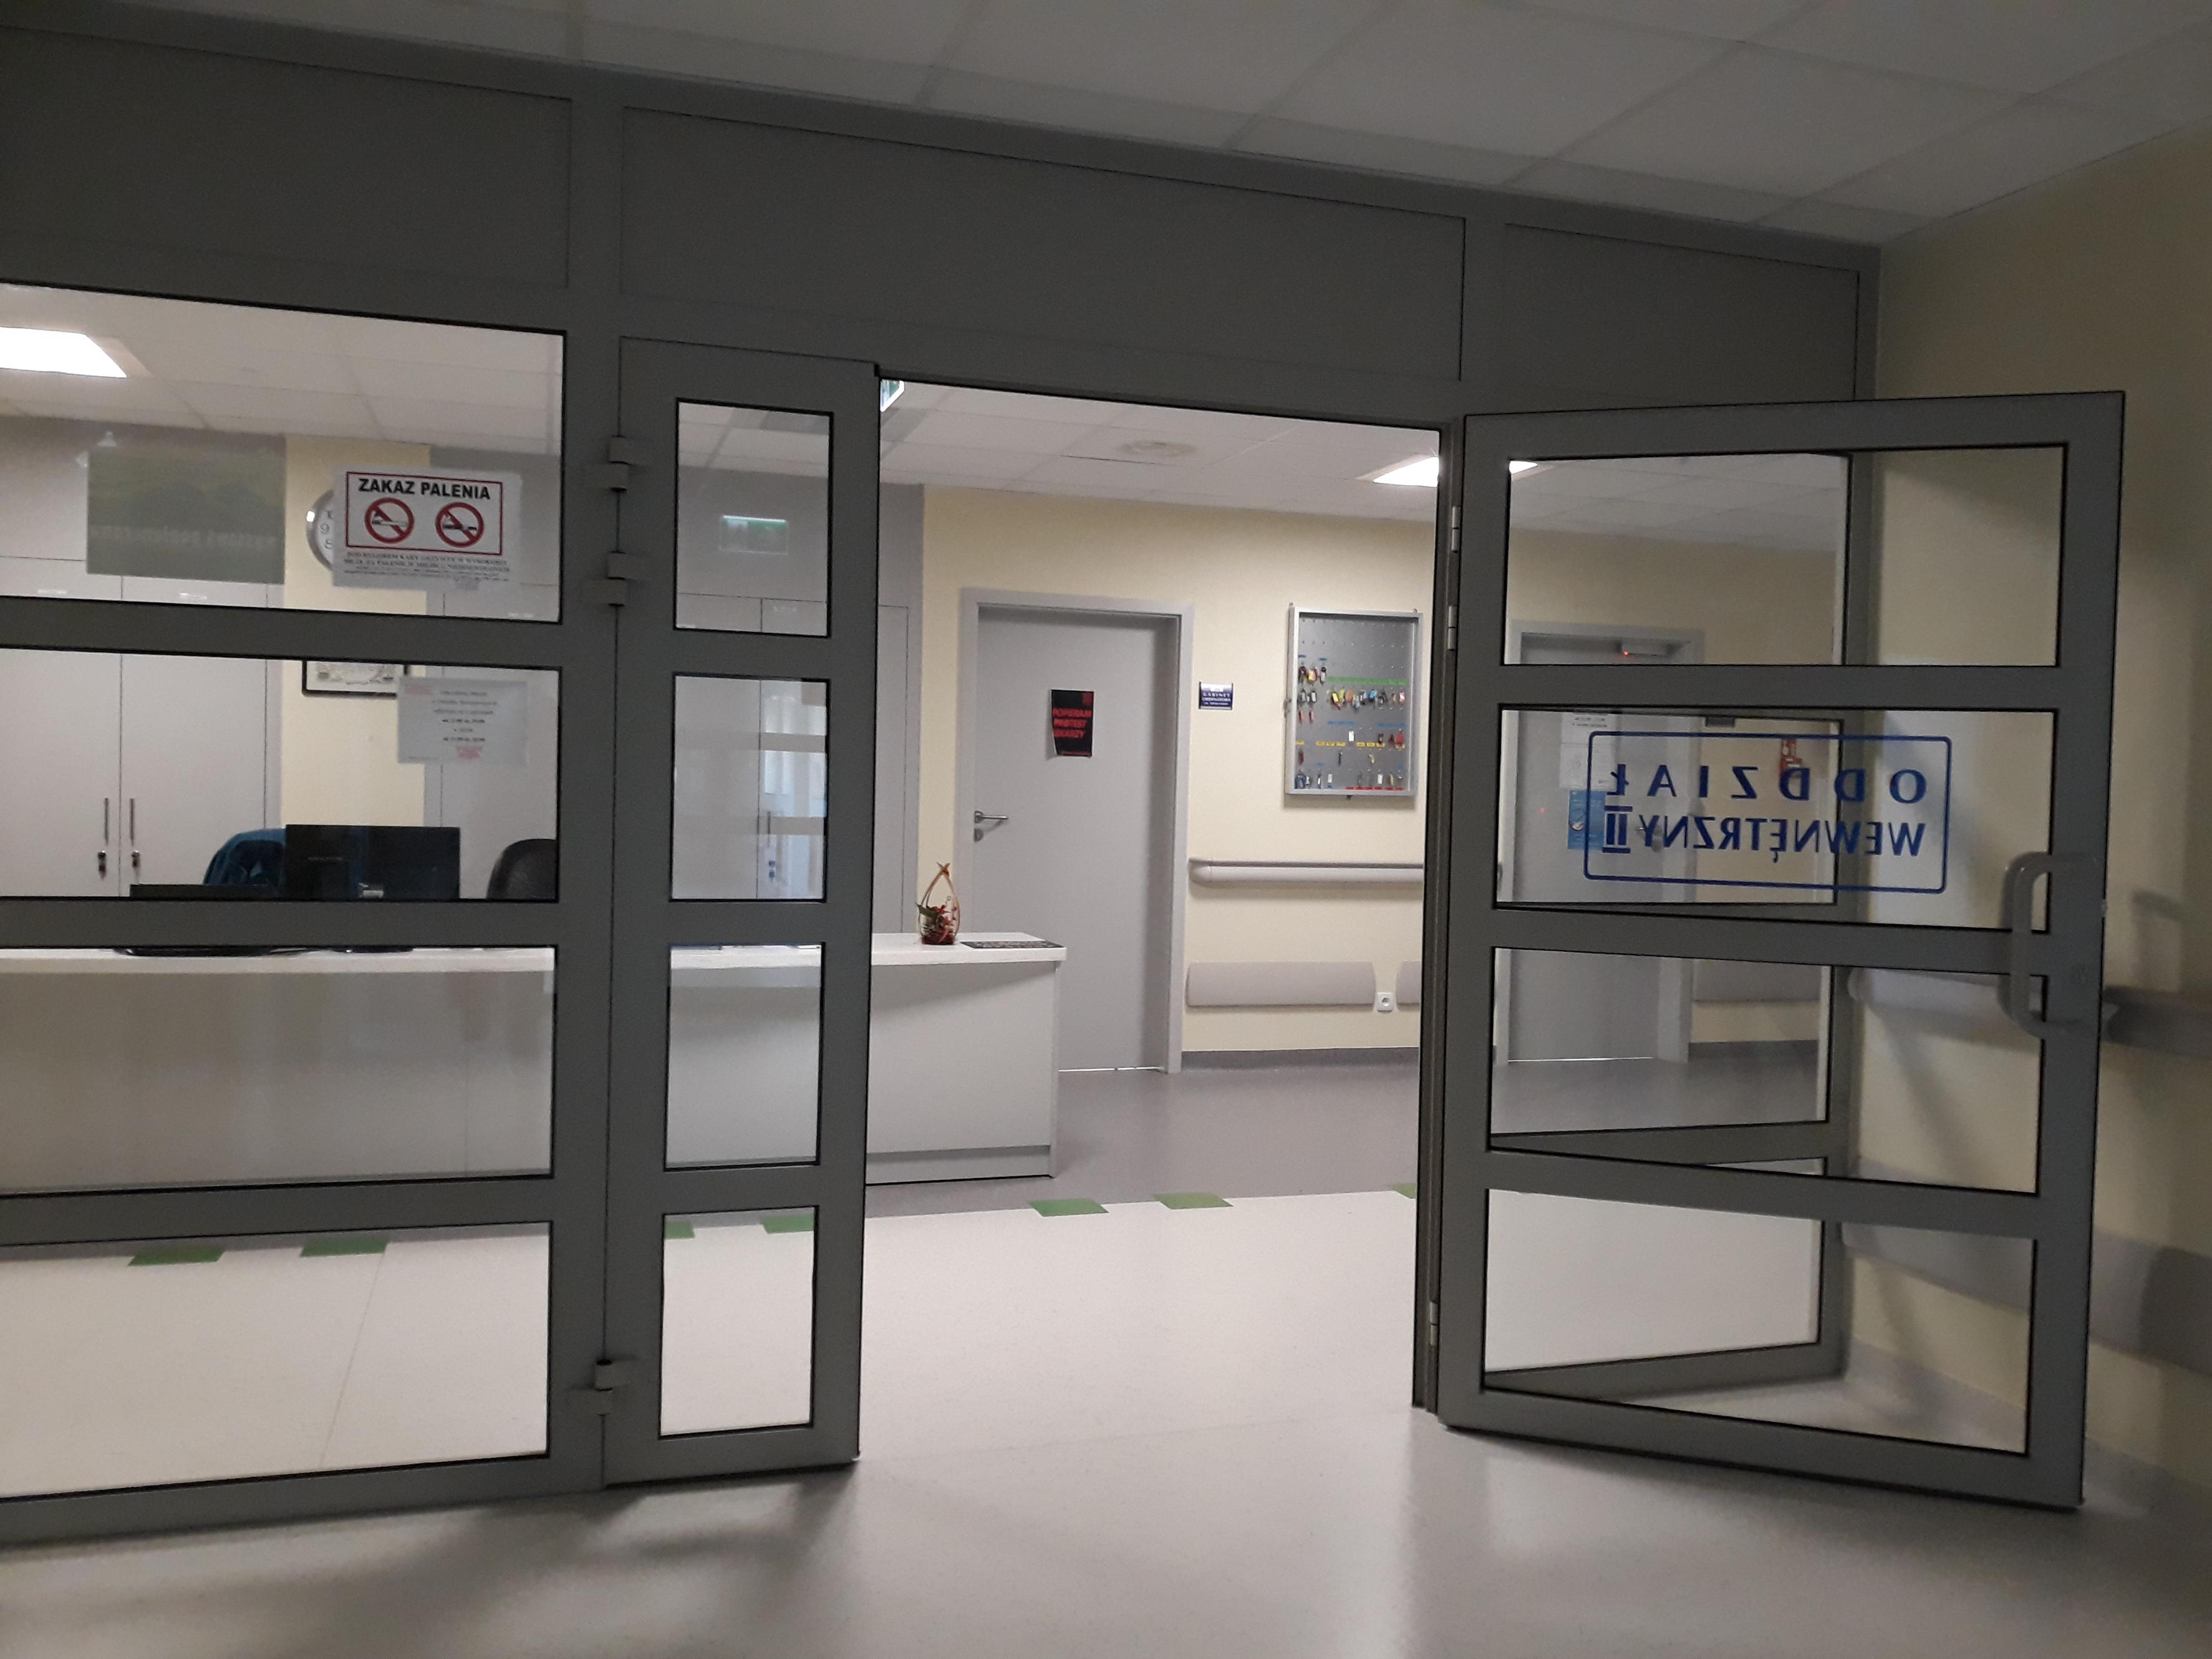 Pracownicy szpitala oburzeni. Zarabiają dużo mniej, niż podaje dyrekcja